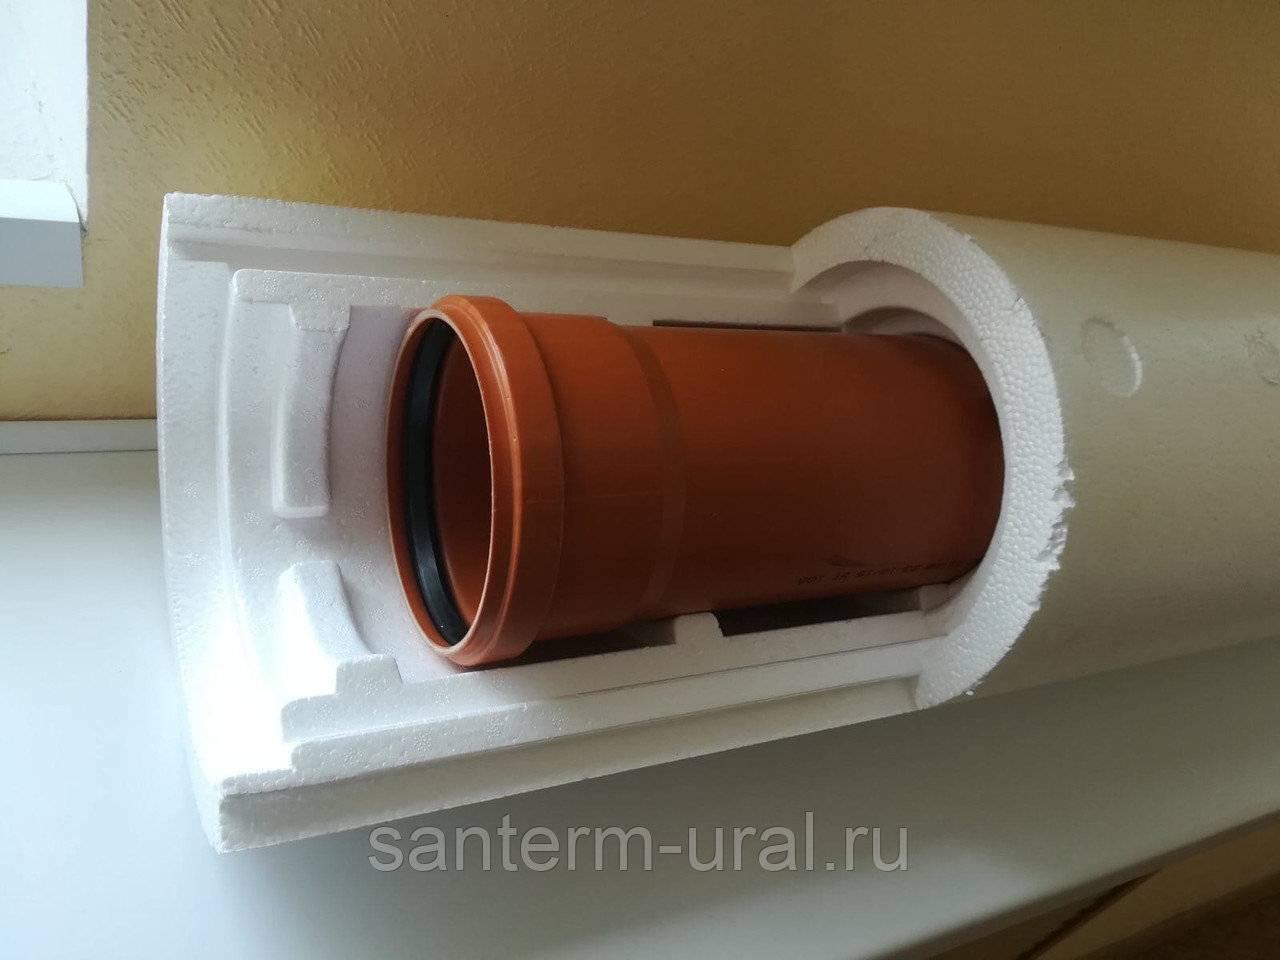 Утеплитель для канализационных труб: виды и сравнение их характеристик